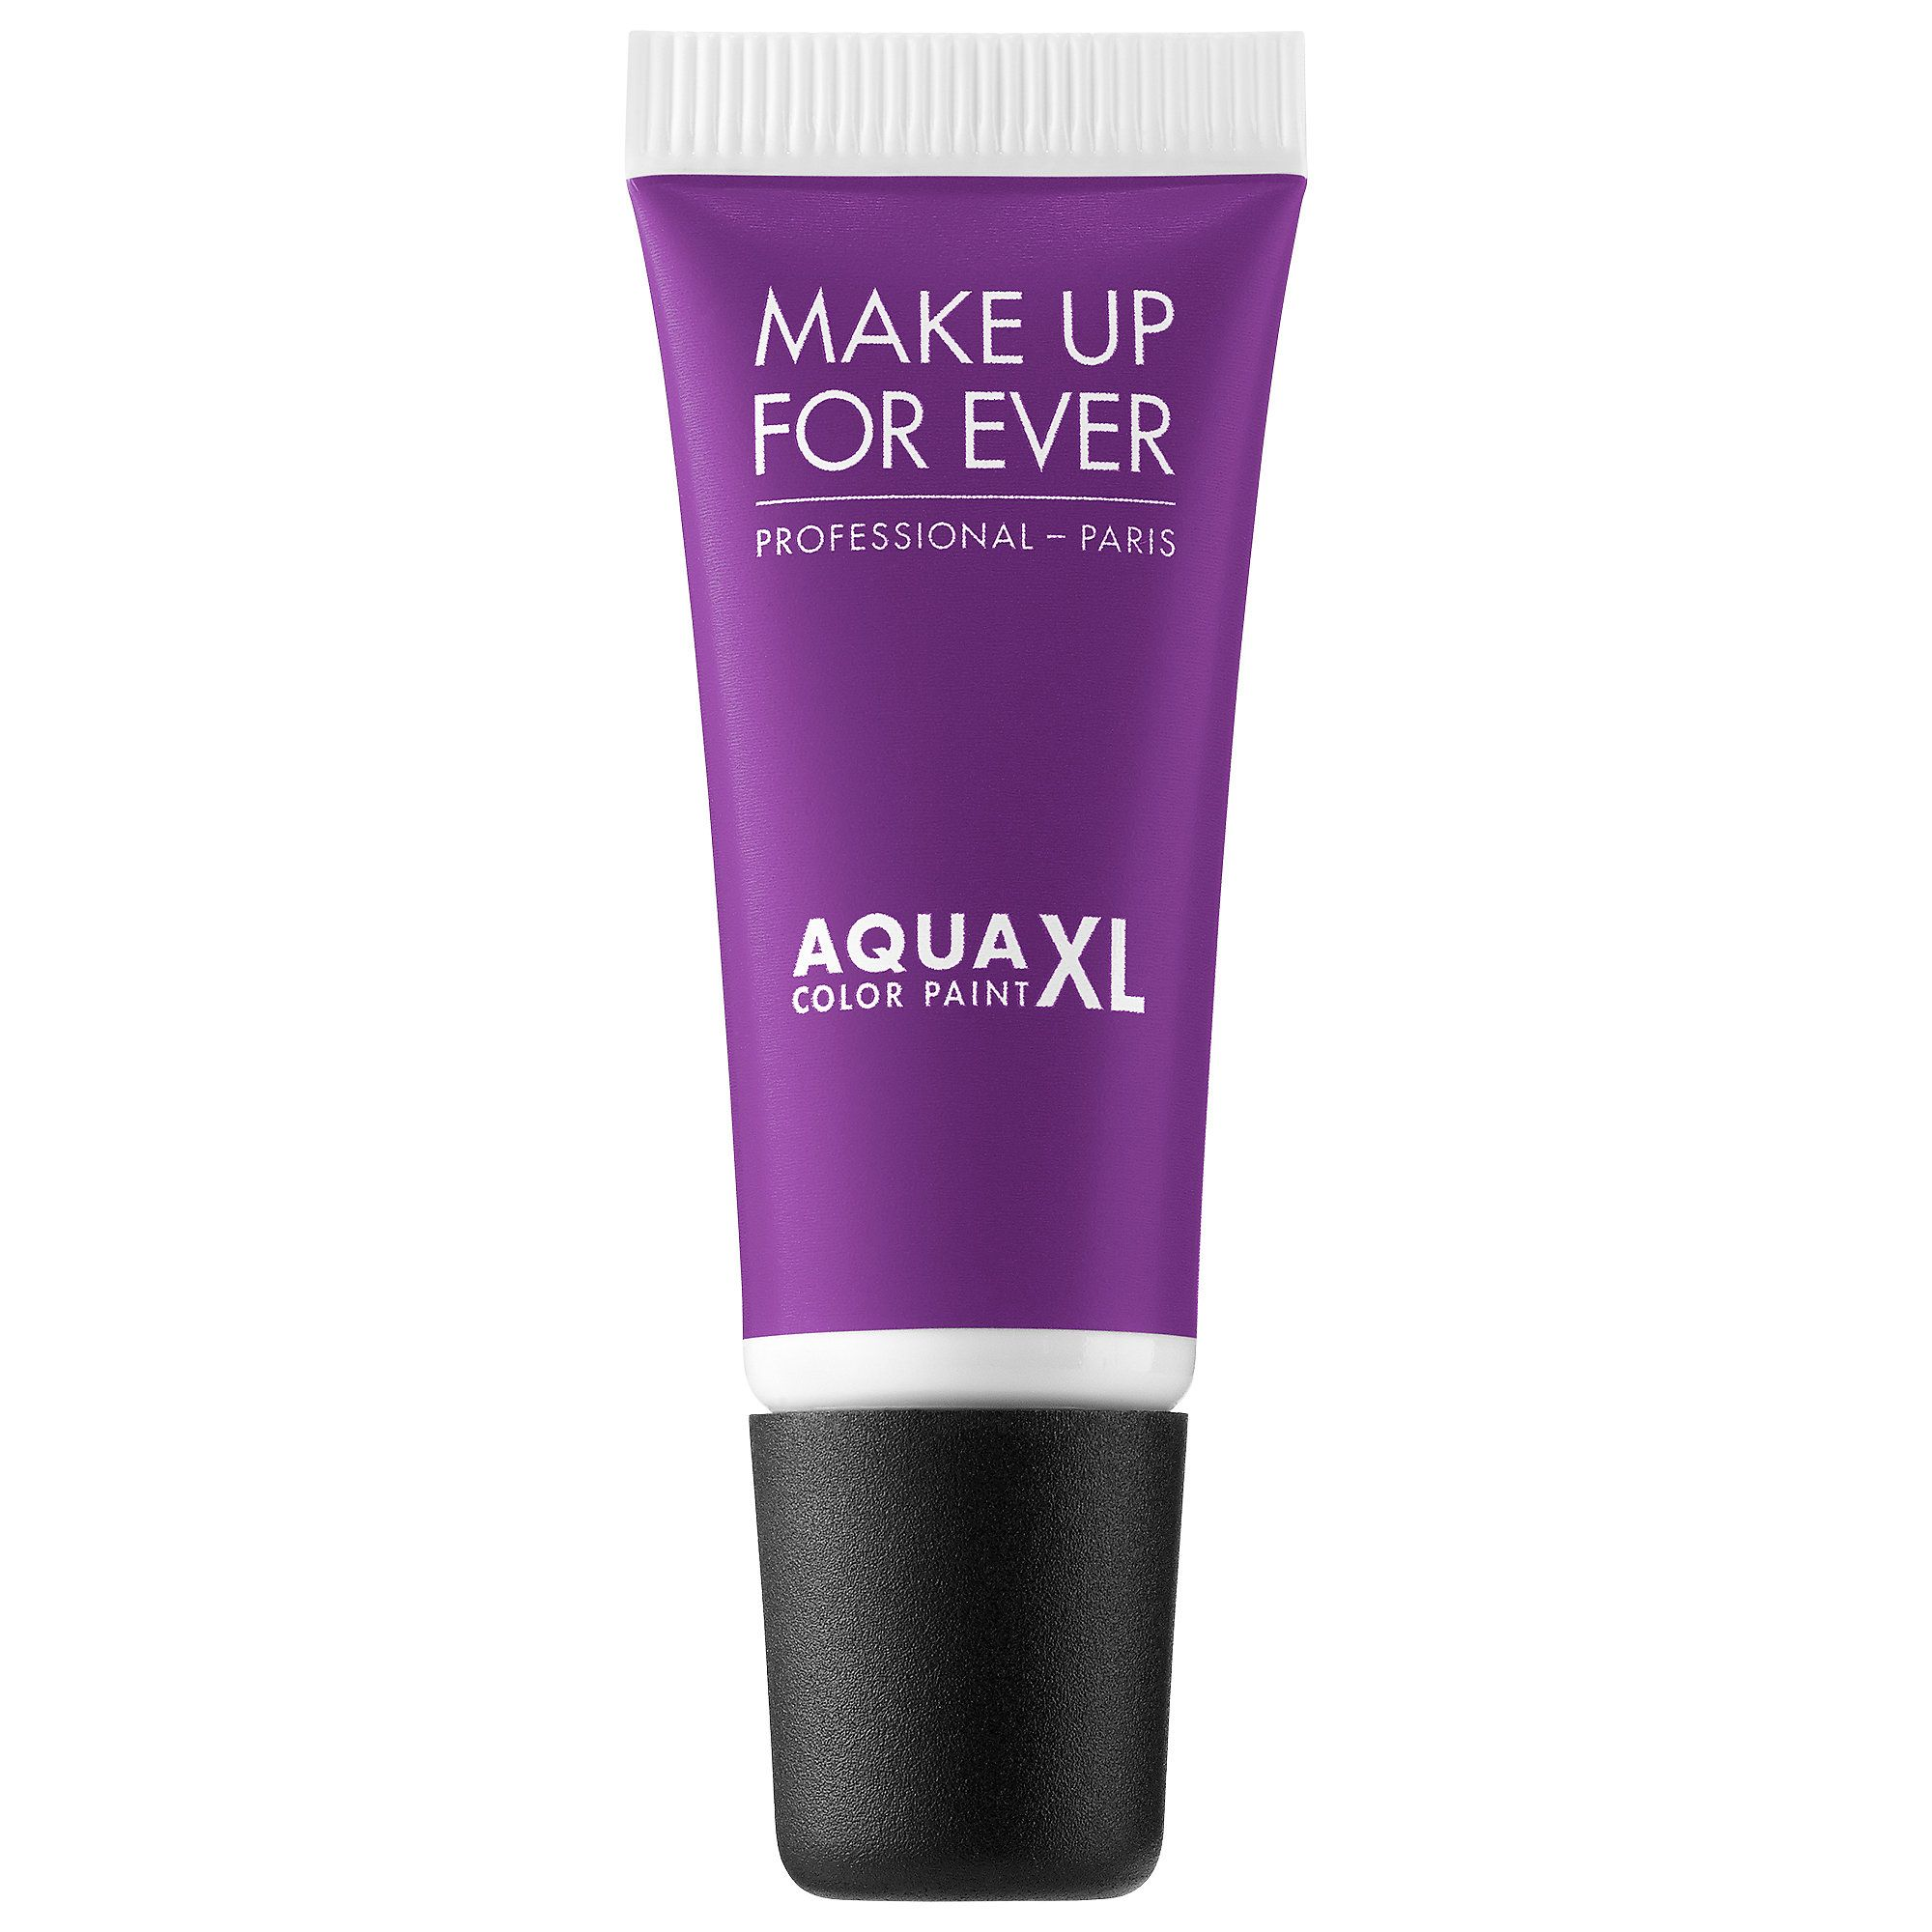 Aqua XL Color Paint Shadow Make up for ever, Sephora